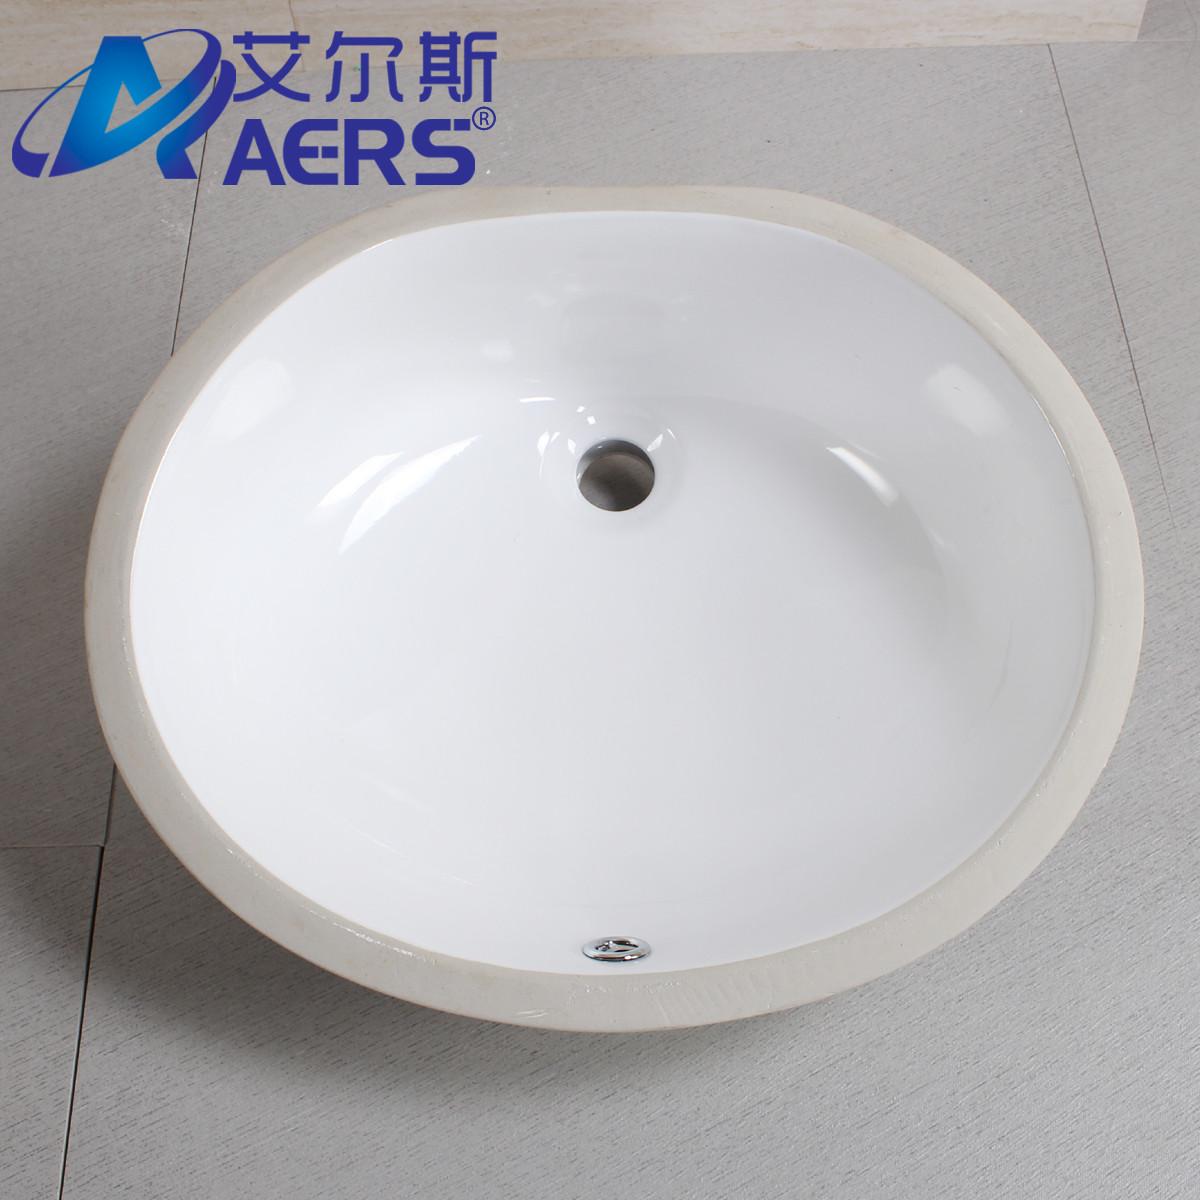 洗手盆带洒花入水管安装图解